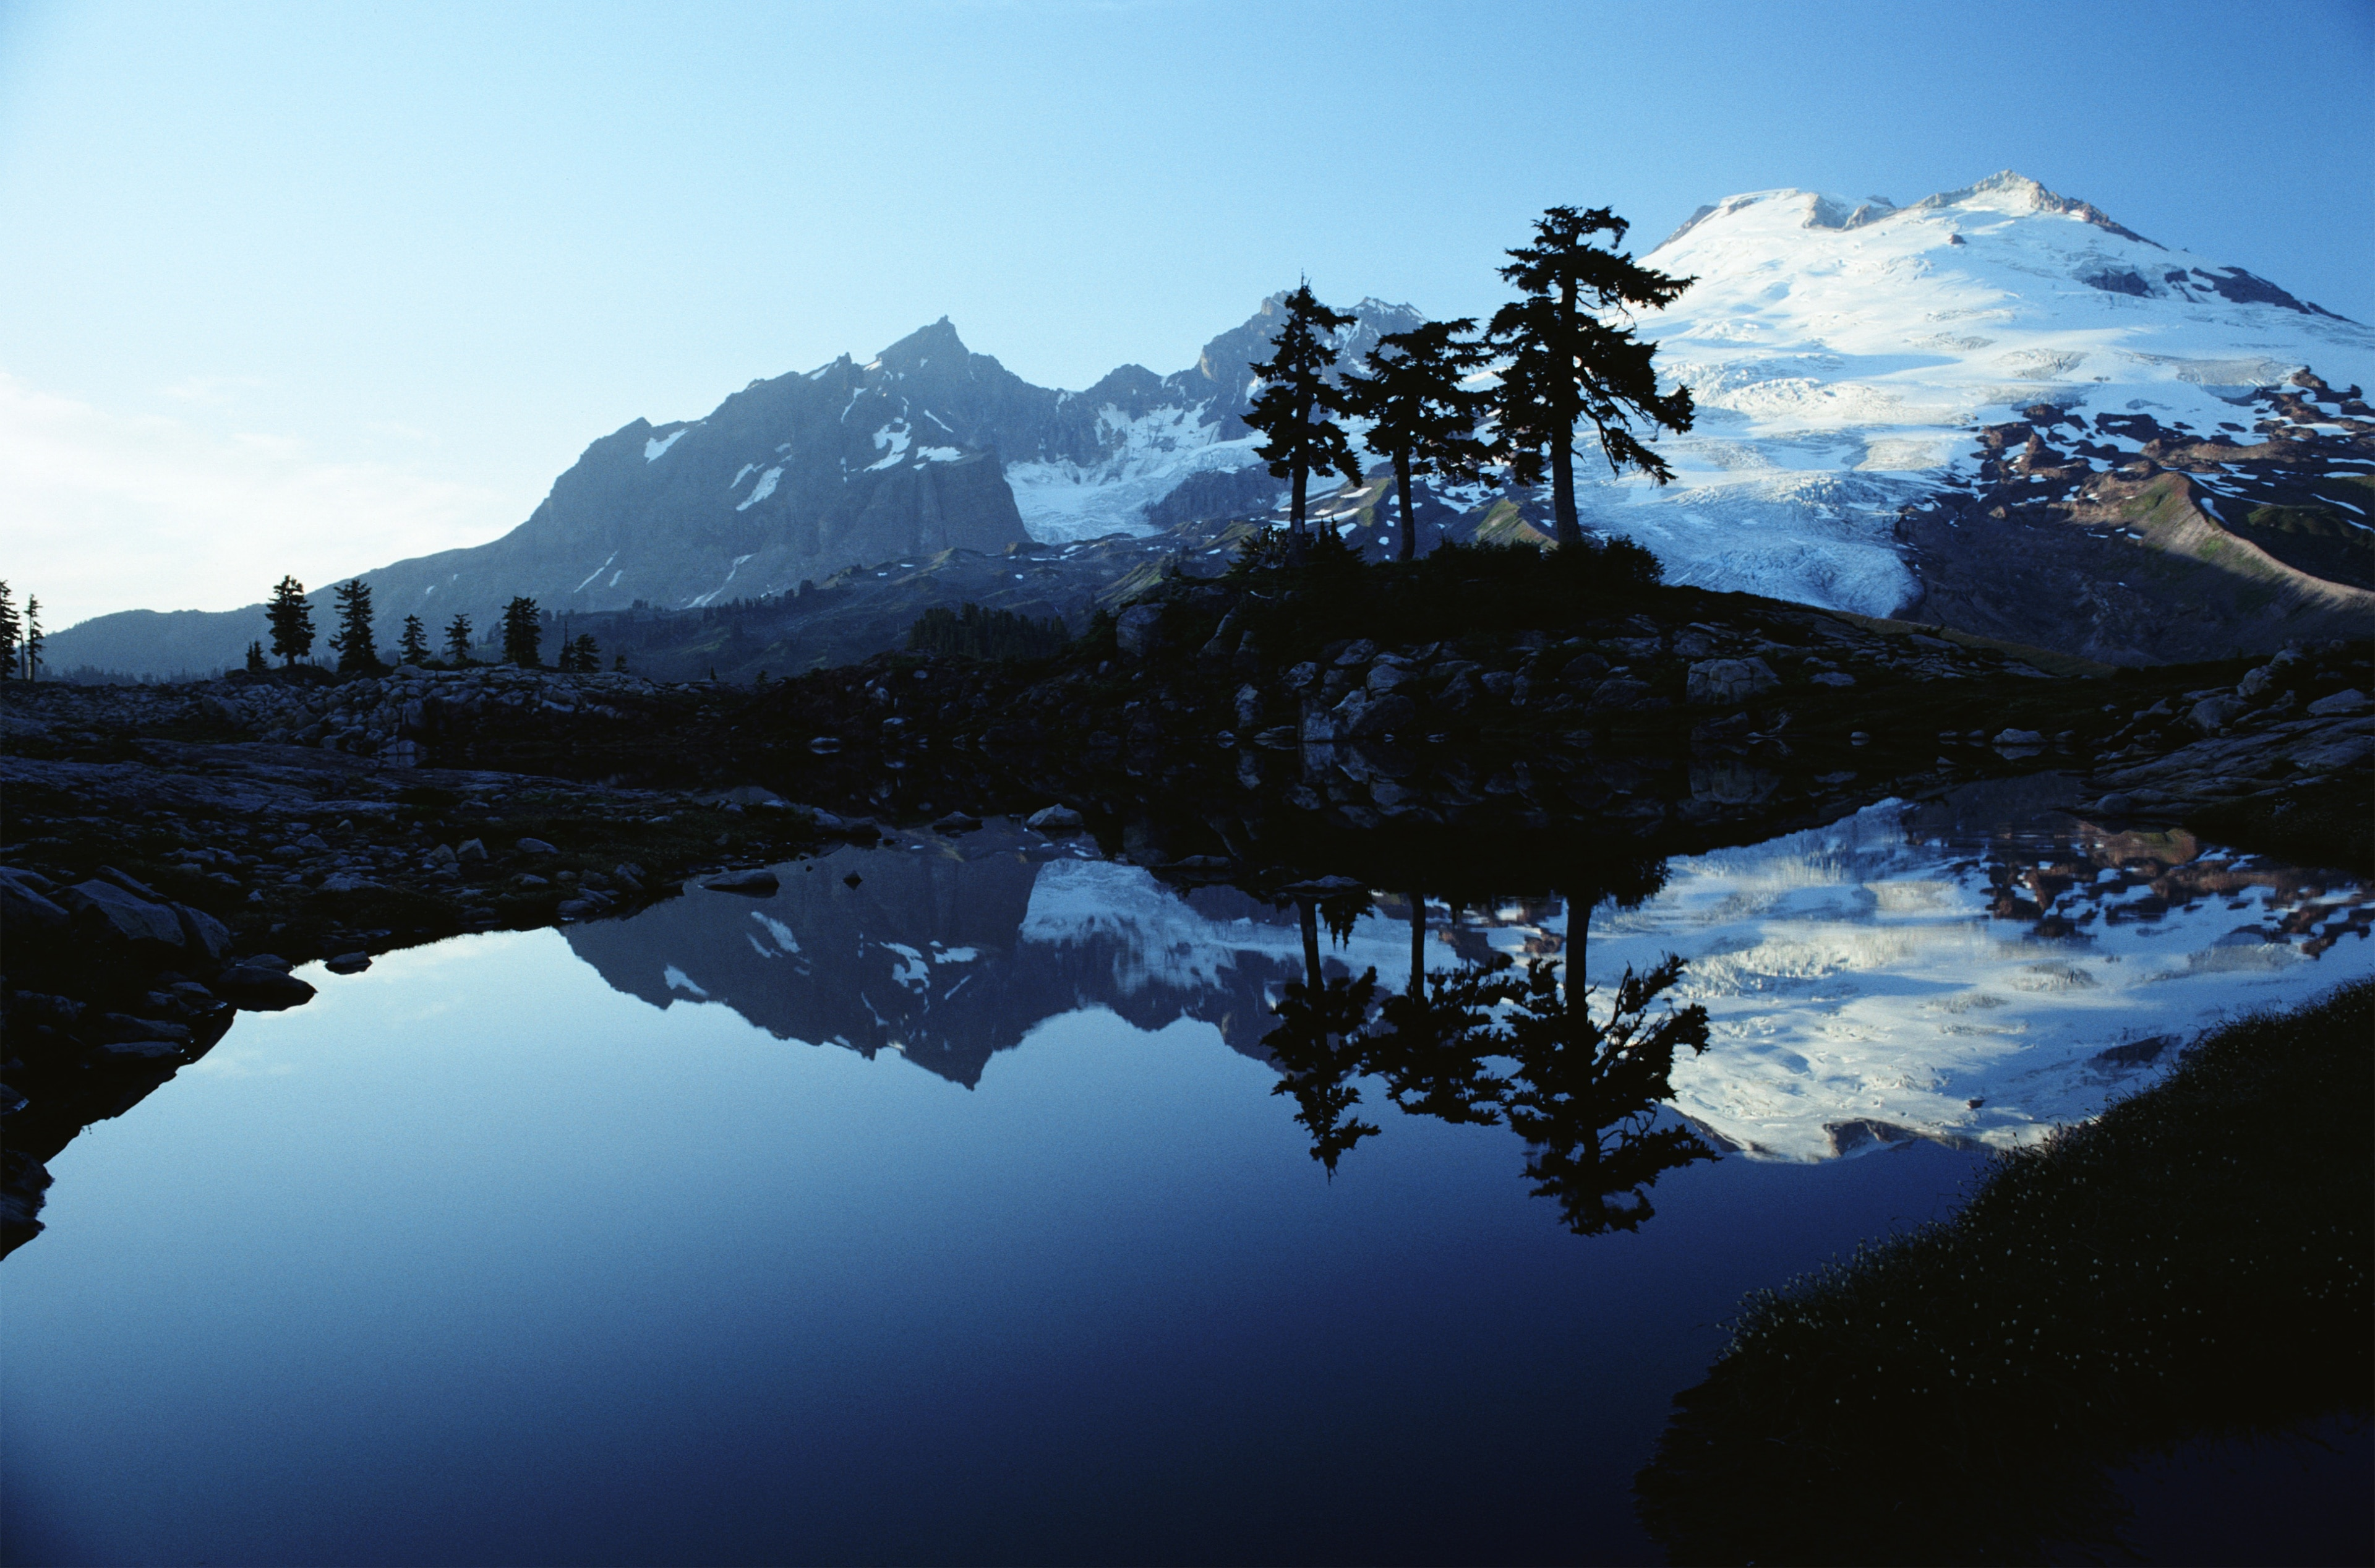 Mount Baker, Deming, Washington, United States of America